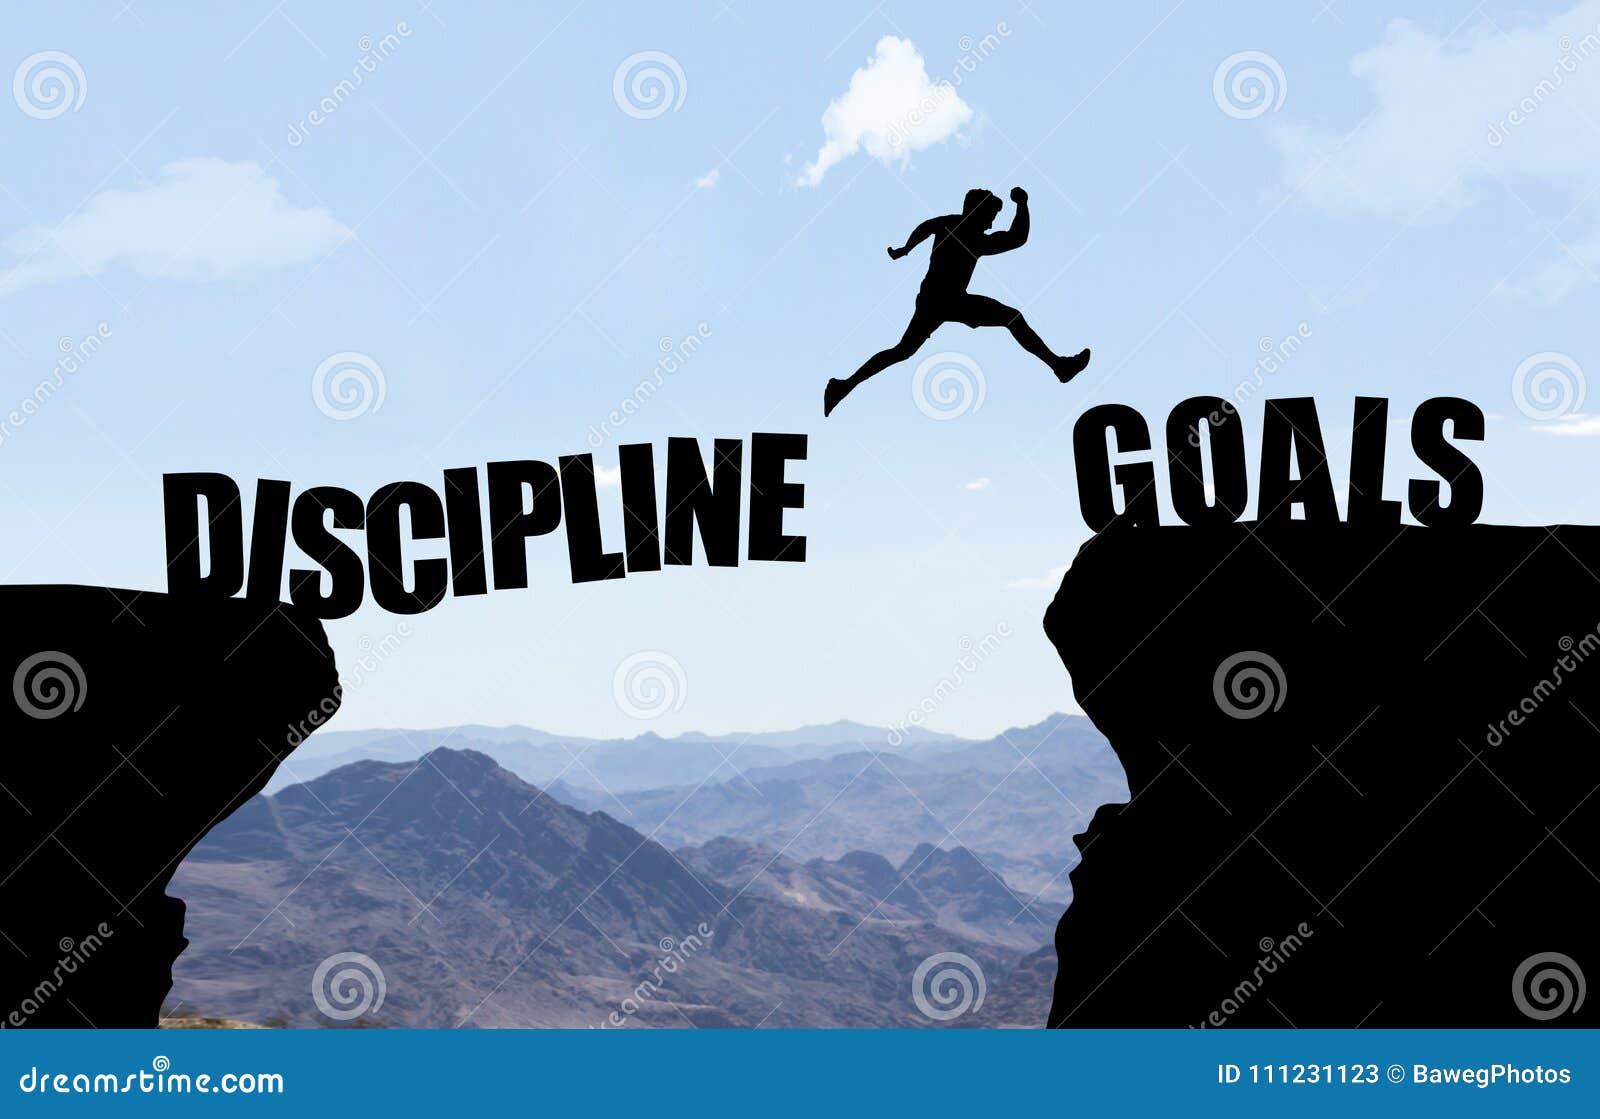 Mężczyzna skacze nad bezdennością z tekstem DISCIPLINE/GOALS